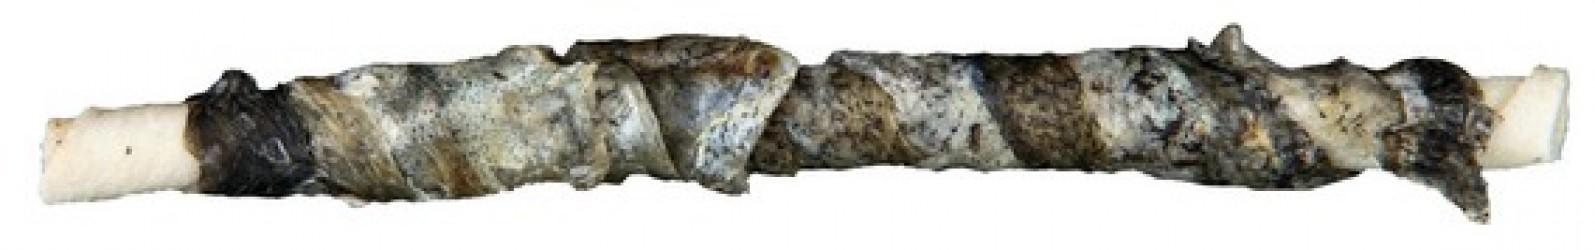 Hvide tyggeben omrullet med fisk